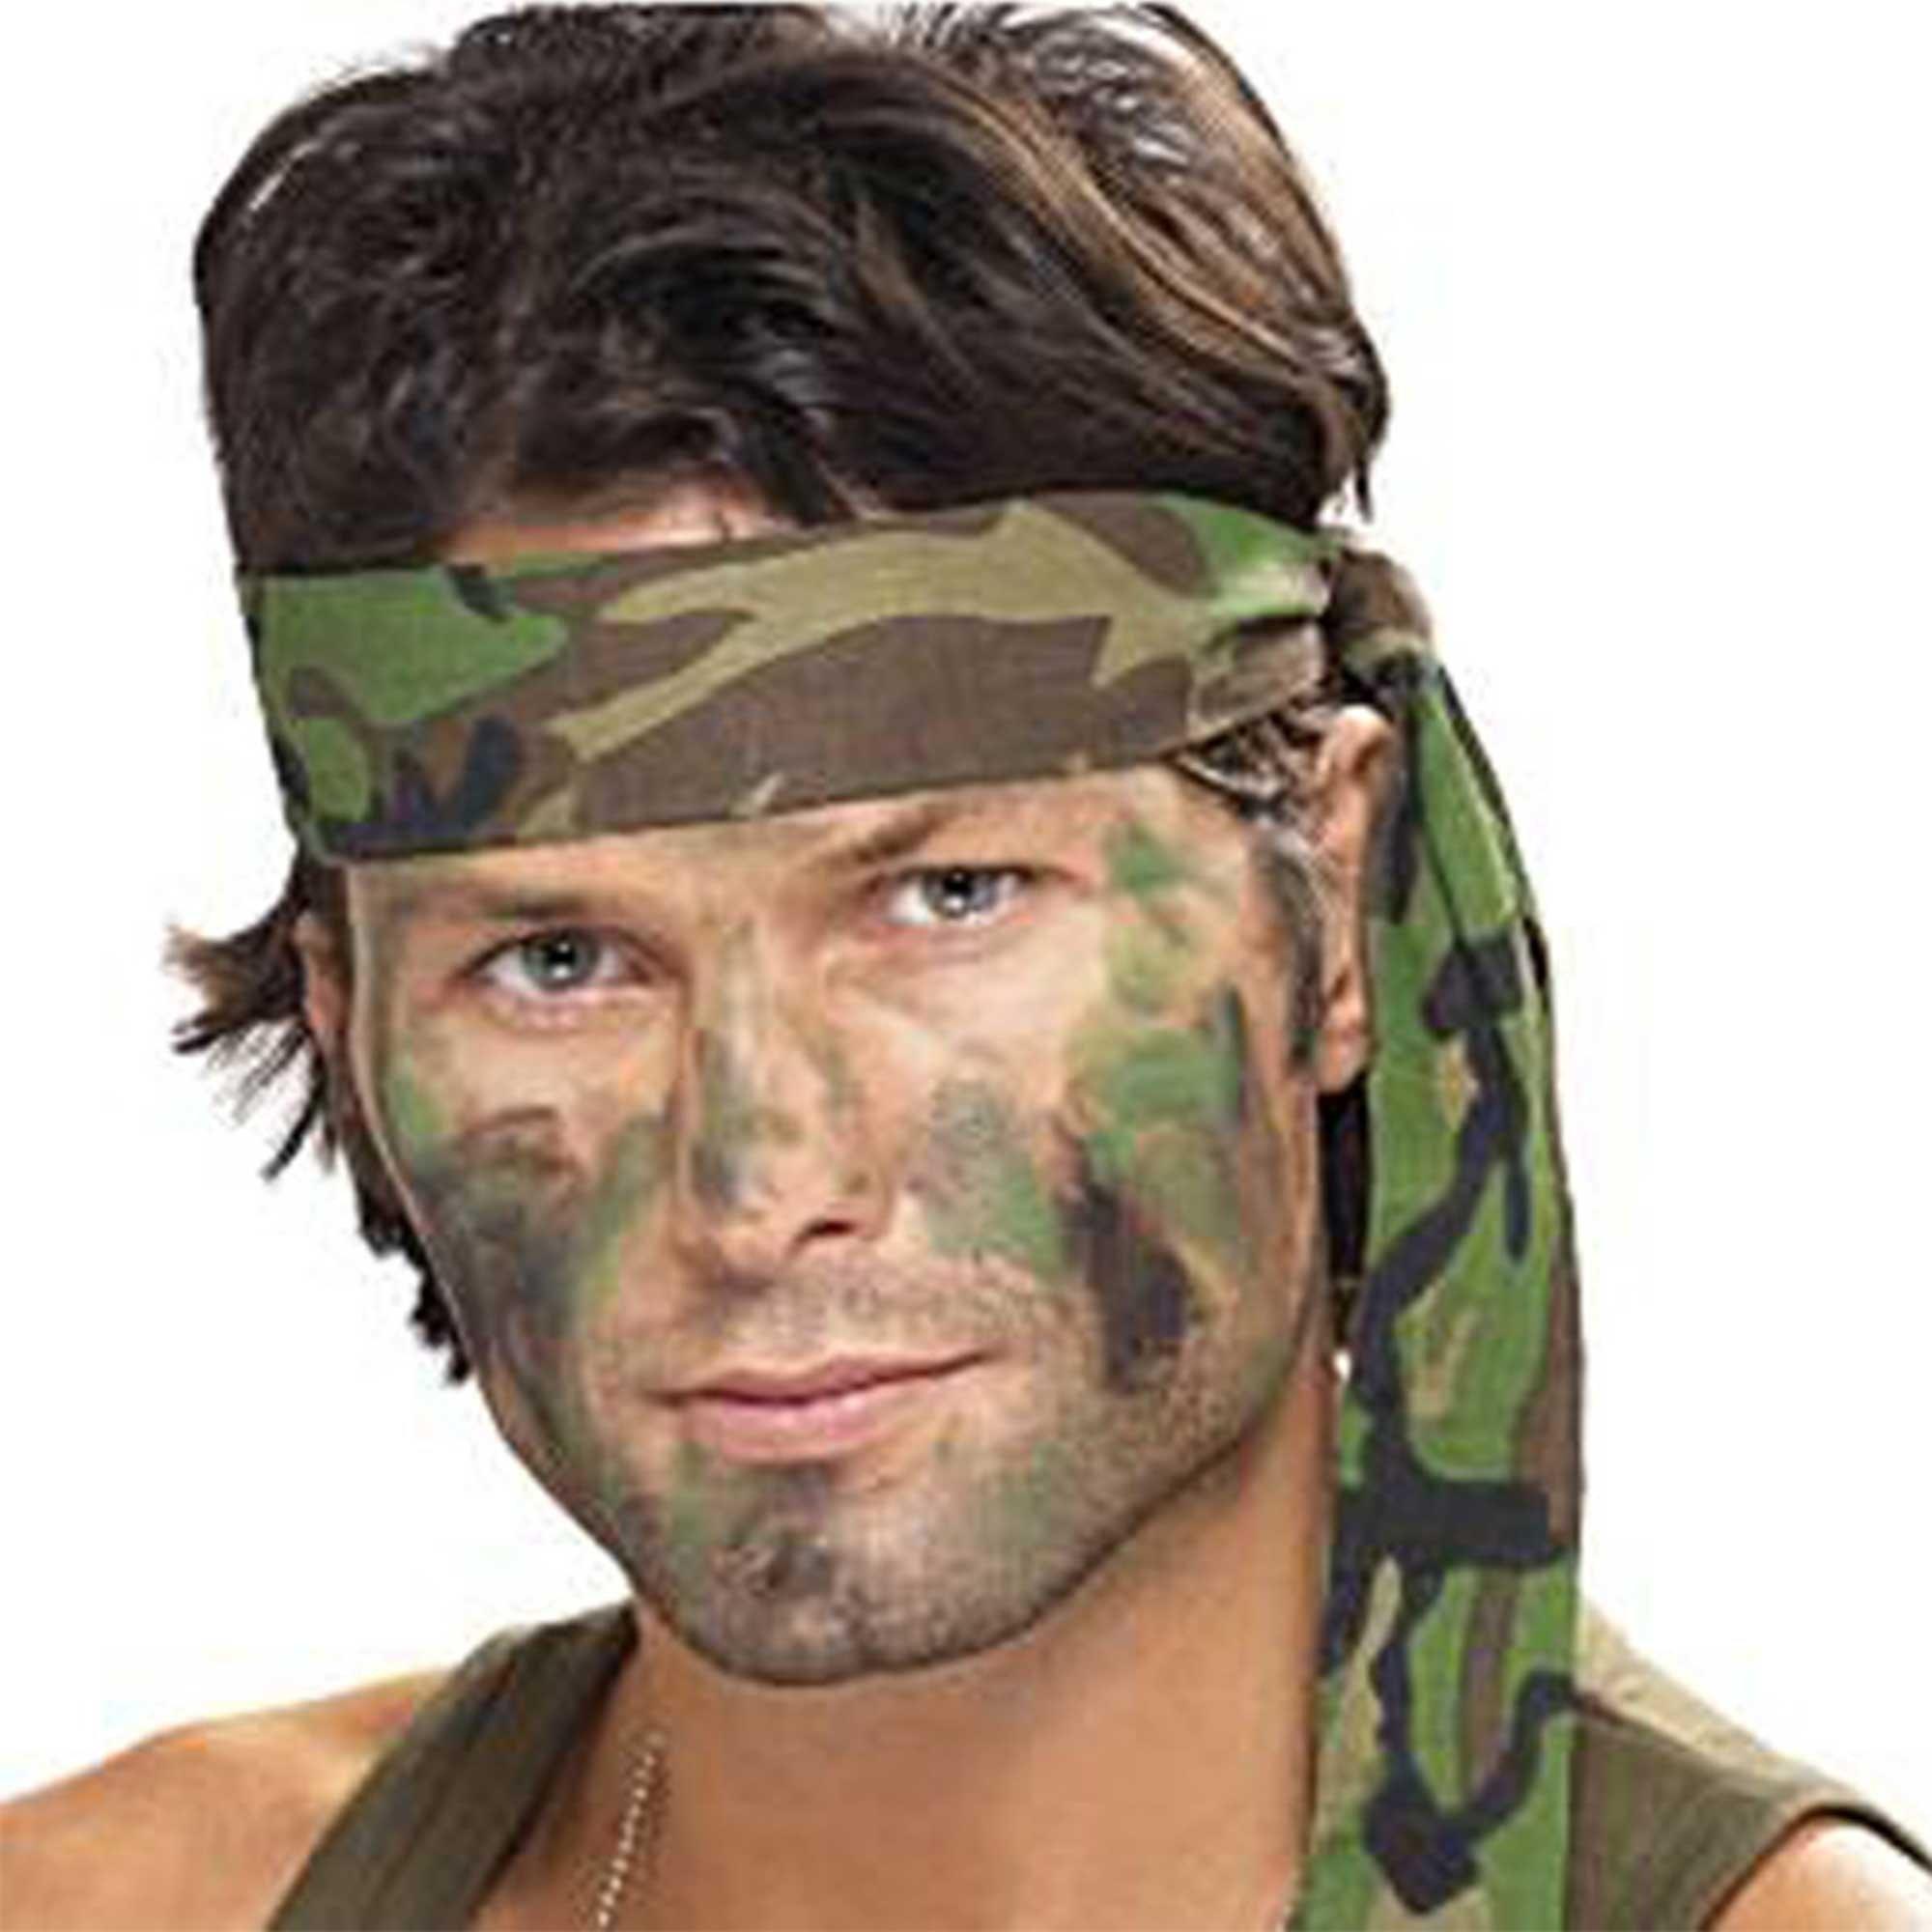 Camouflage Bandana